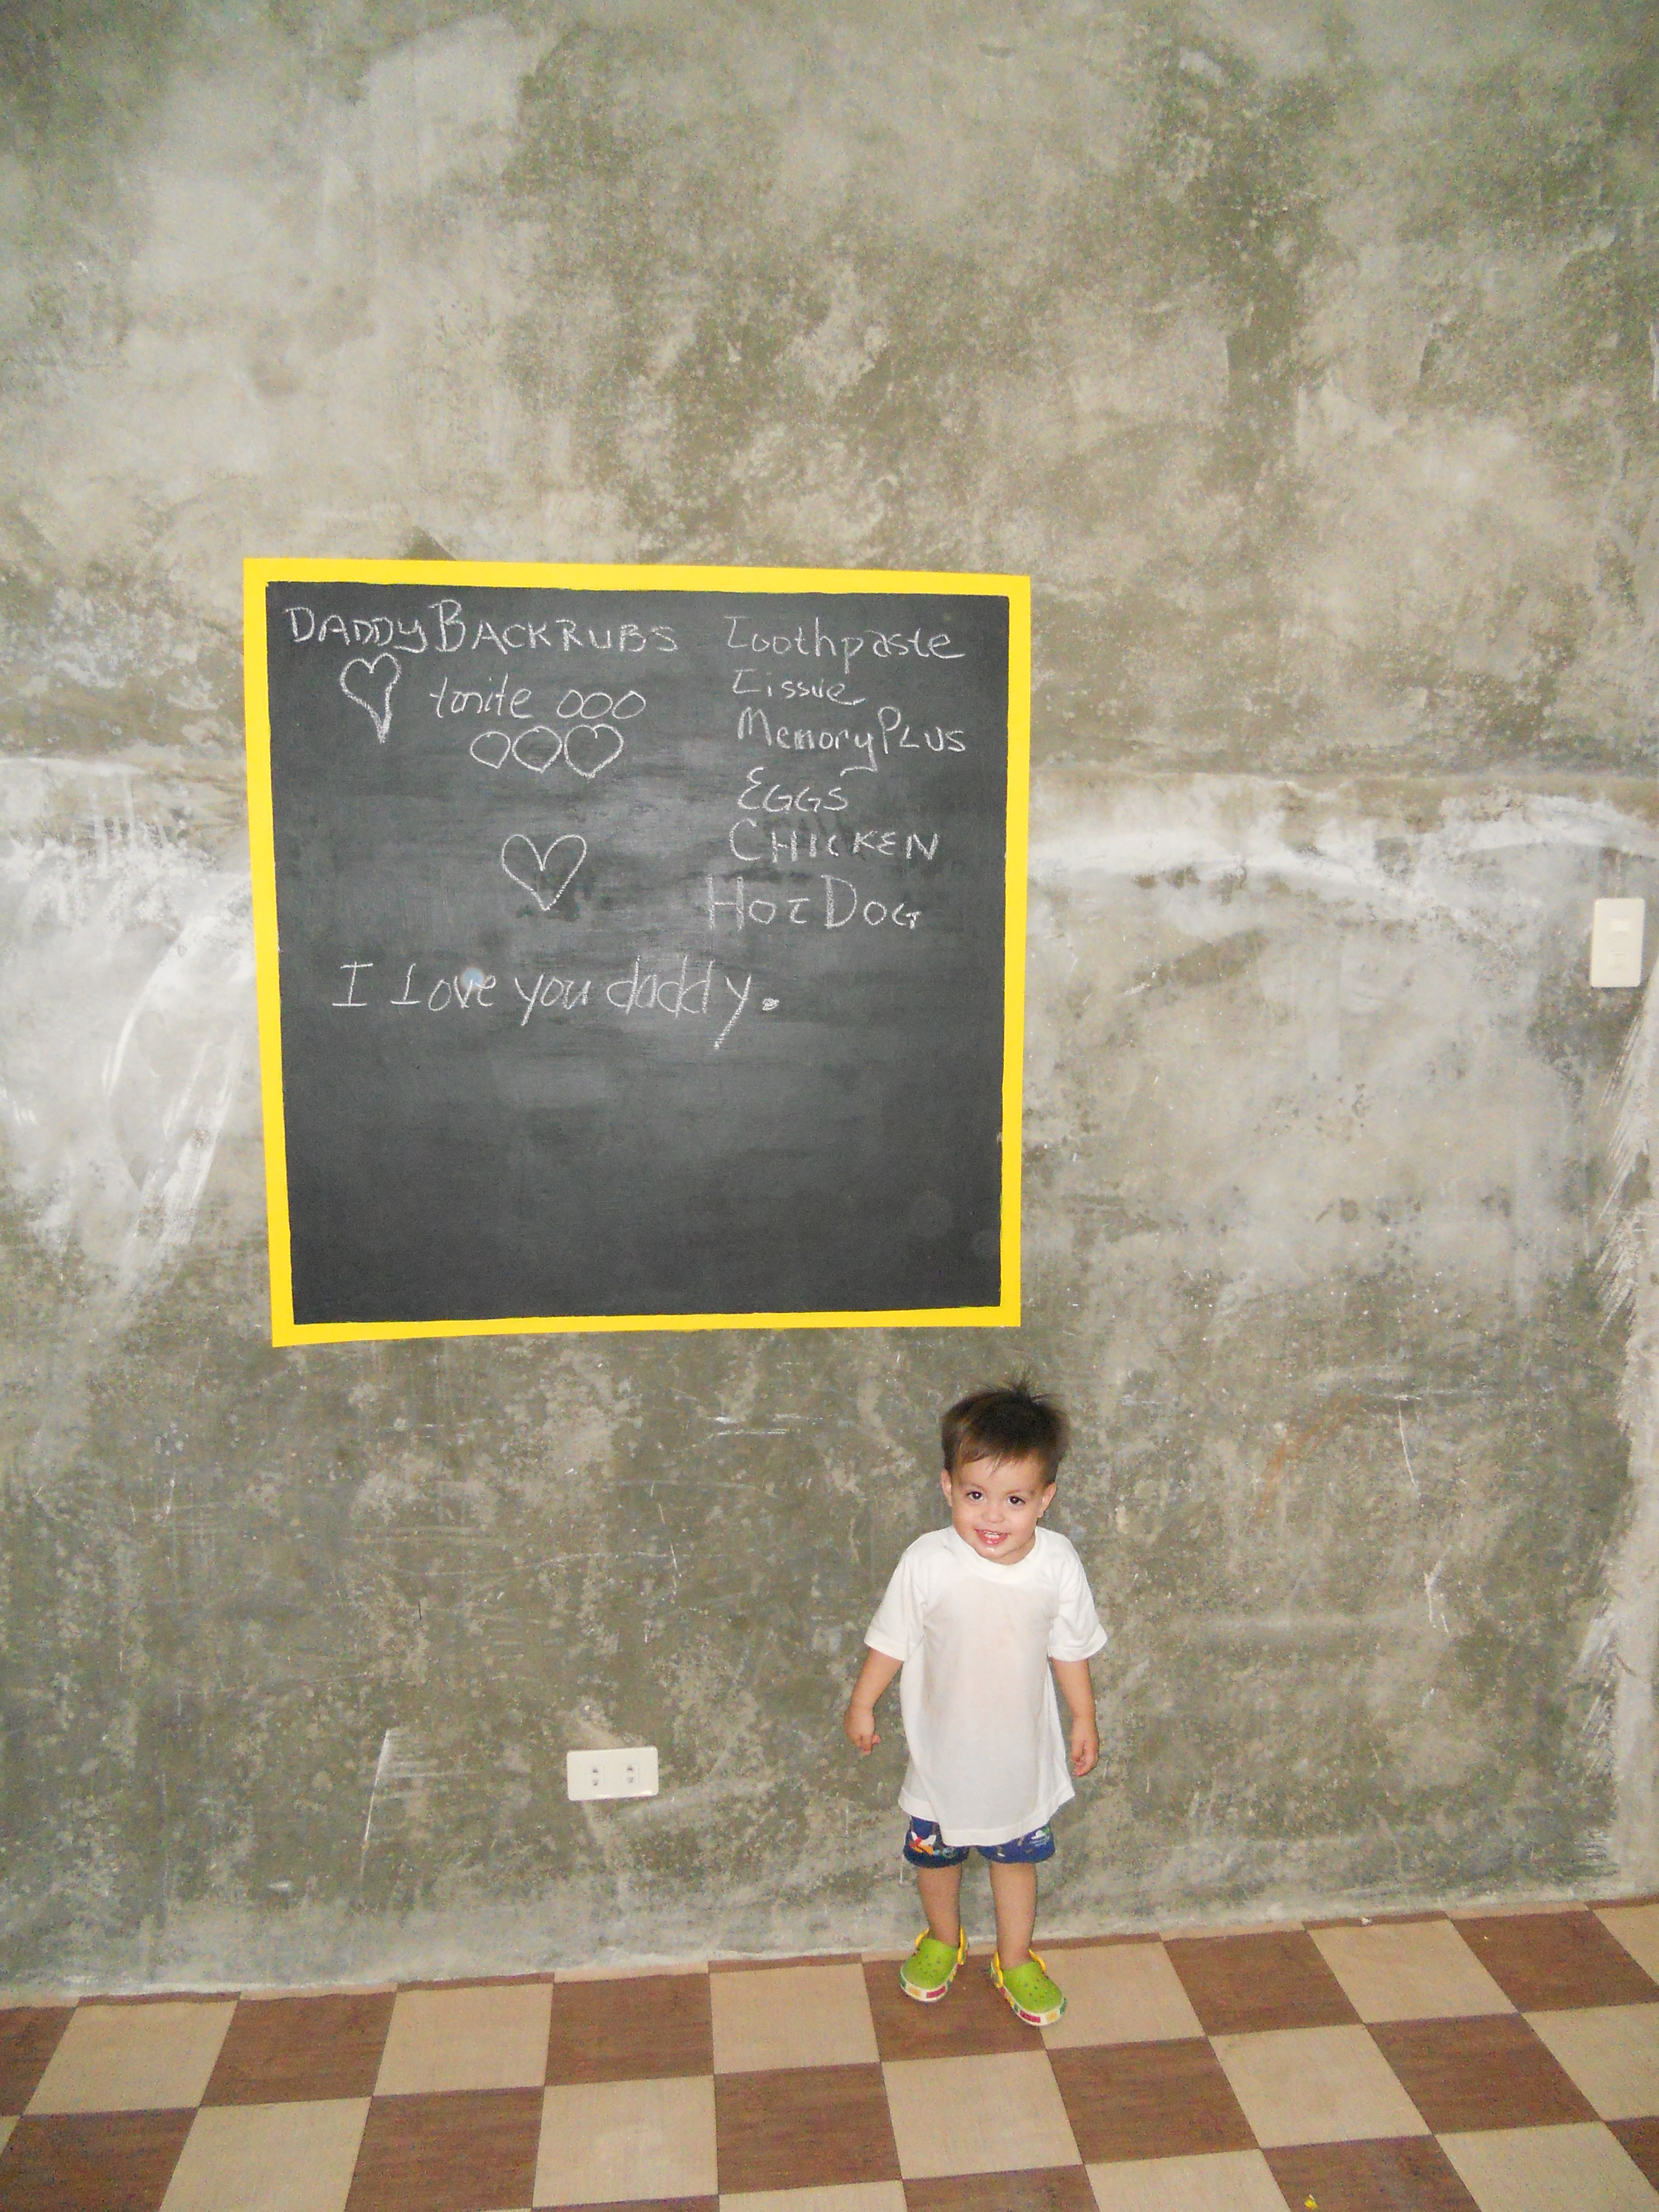 Making blackboards on concrete walls